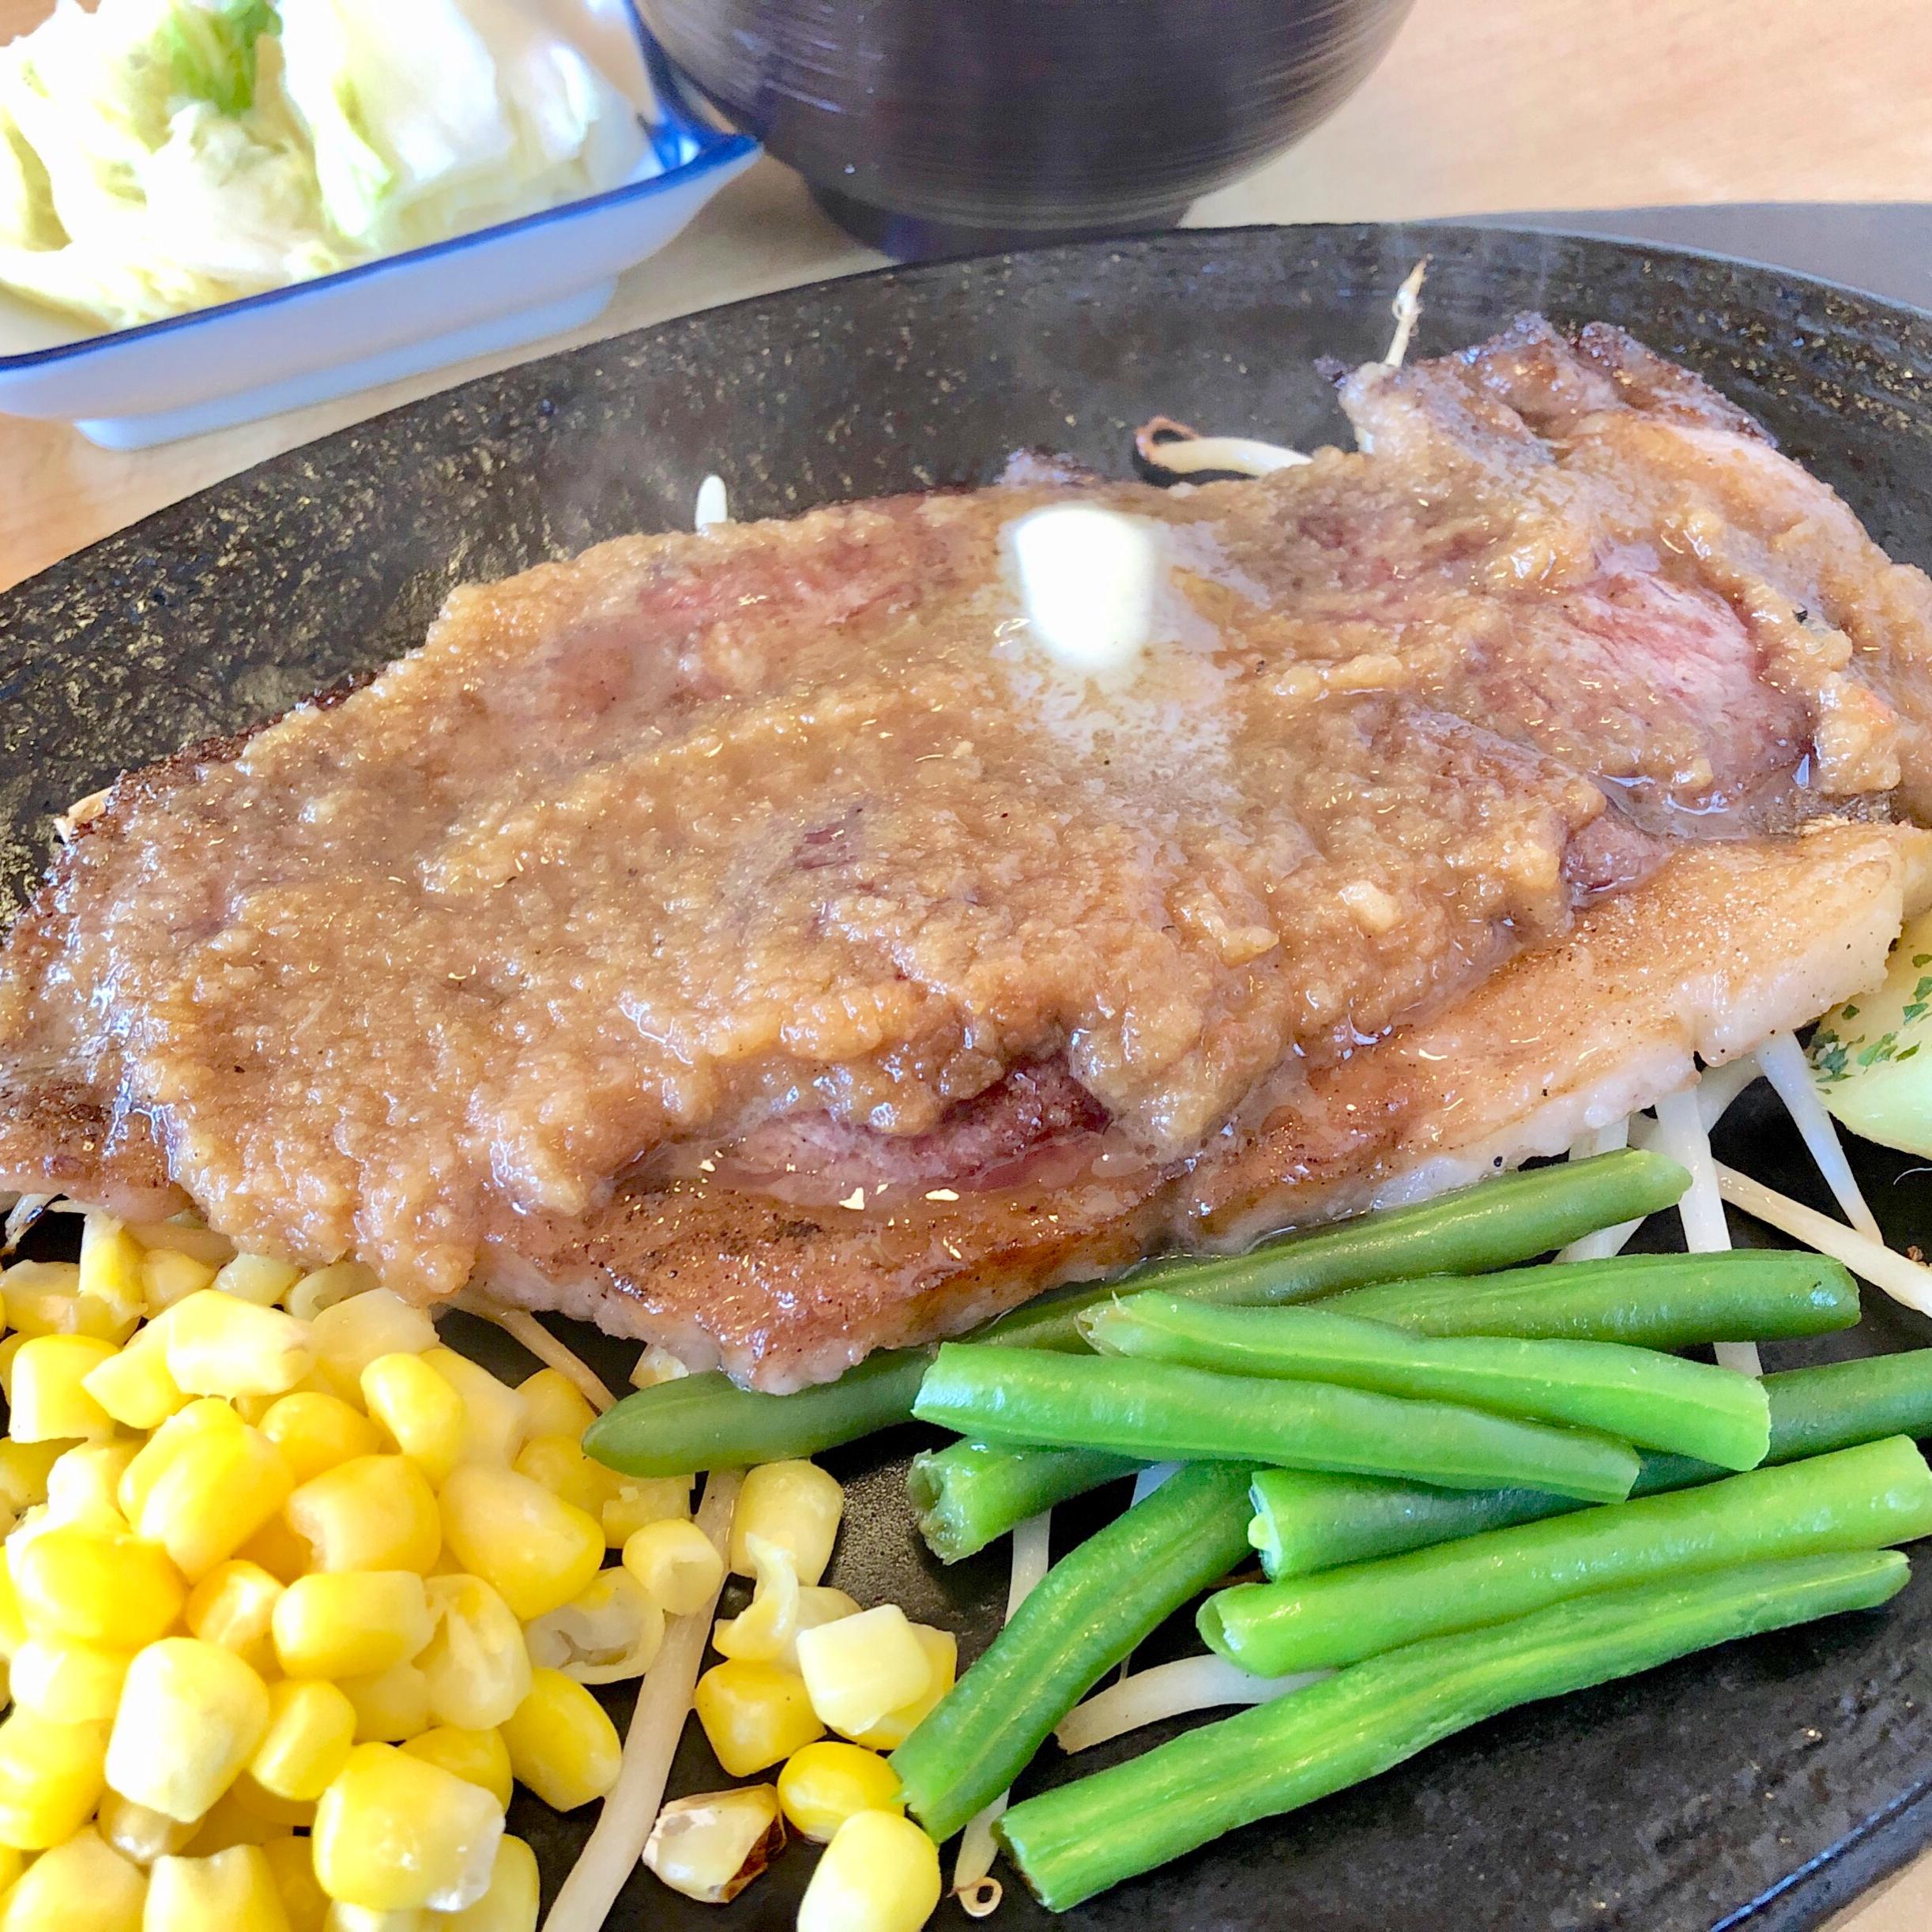 ステーキハウス三喜屋|大和田駅すぐの街の洋食屋は穴場感たっぷり!絶品ハンバーグとステーキを味わう